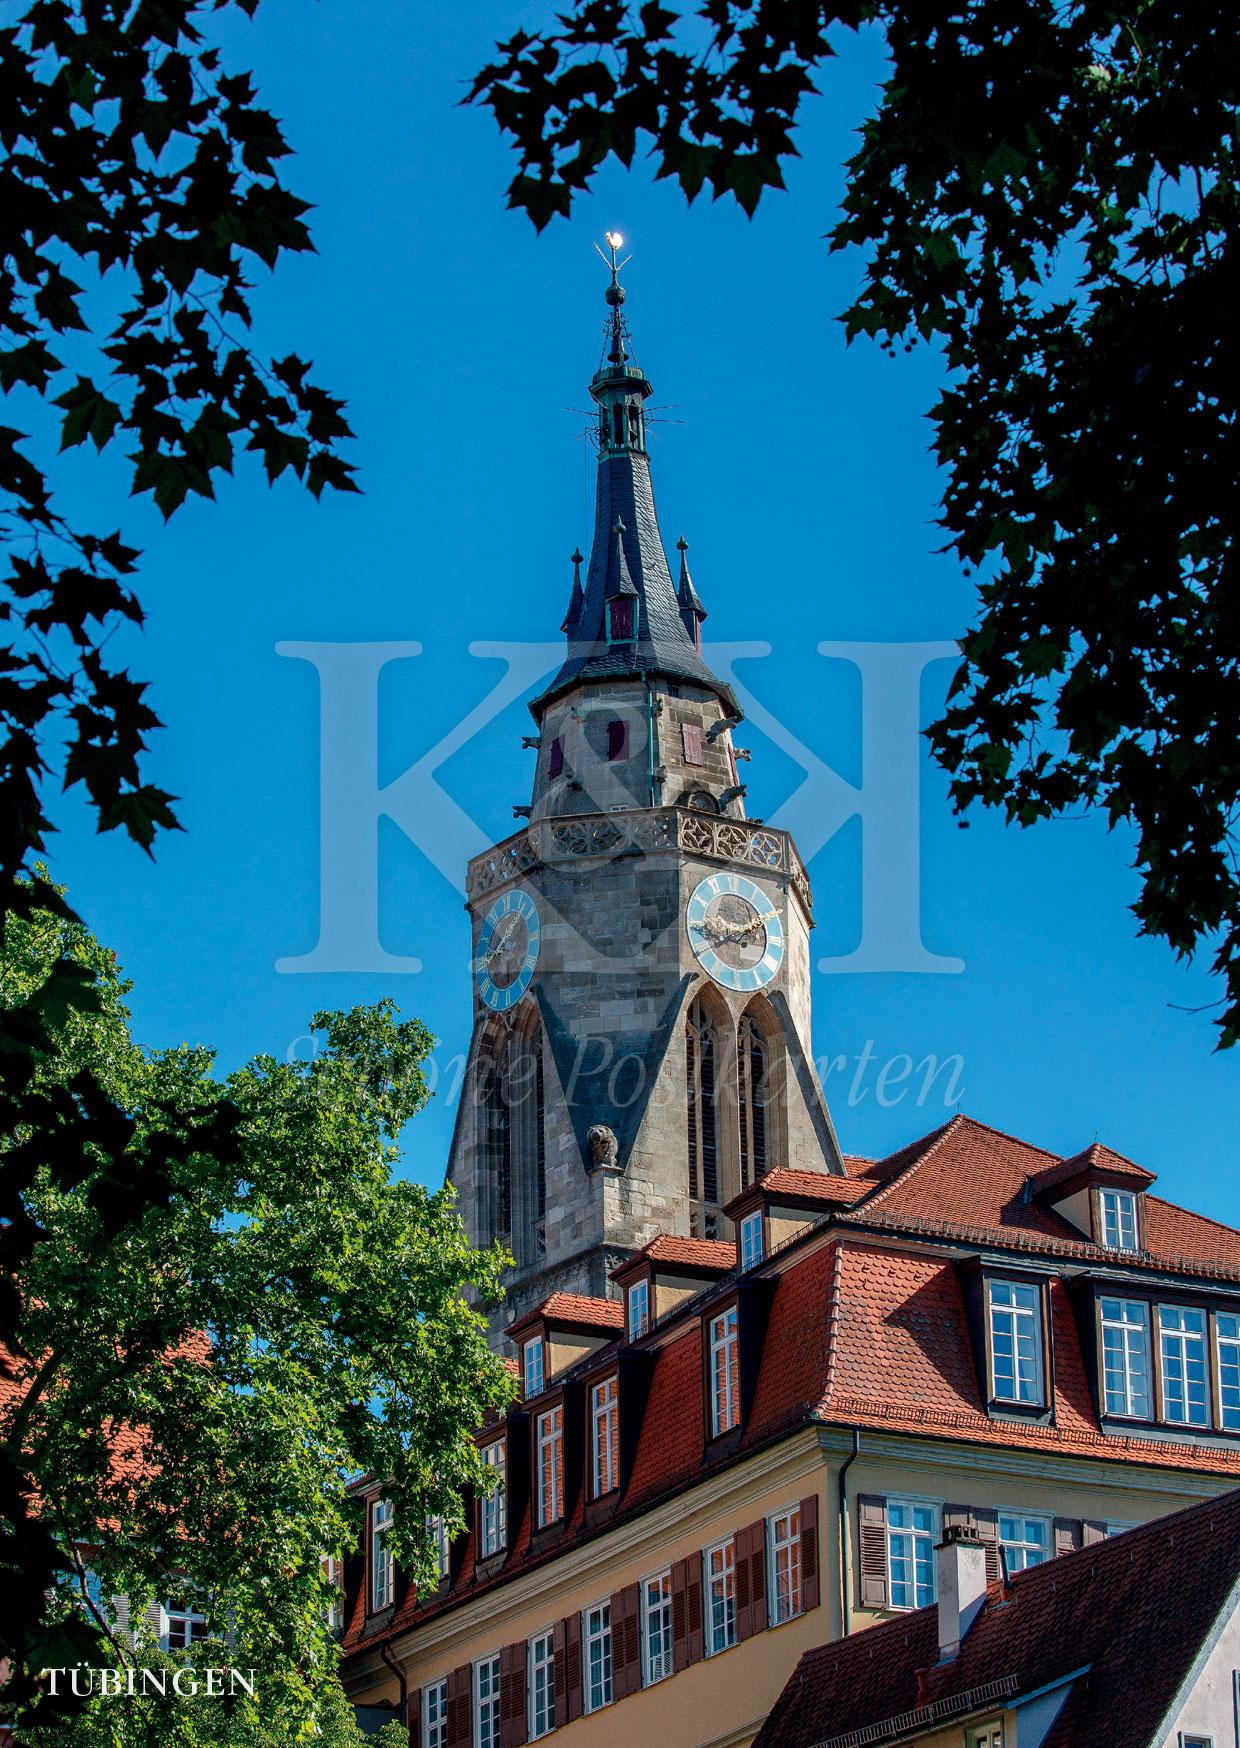 >>> NEU: Schöne Postkarte Nr. 116 · Stiftskirche Tübingen, davor die Alte Aula der Universität